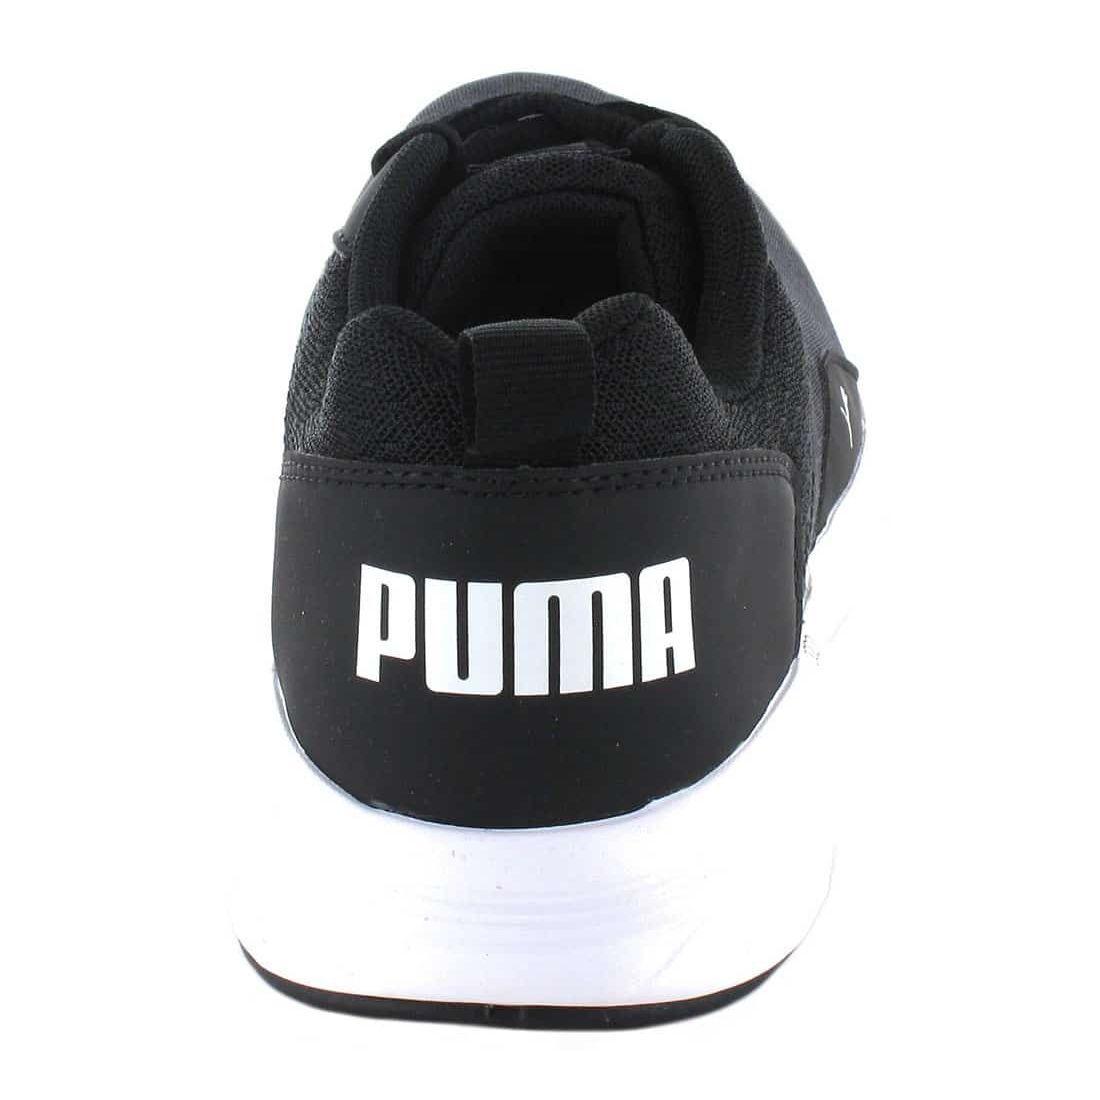 Puma NRGY Comet Negro Blanco - Zapatillas Running Hombre